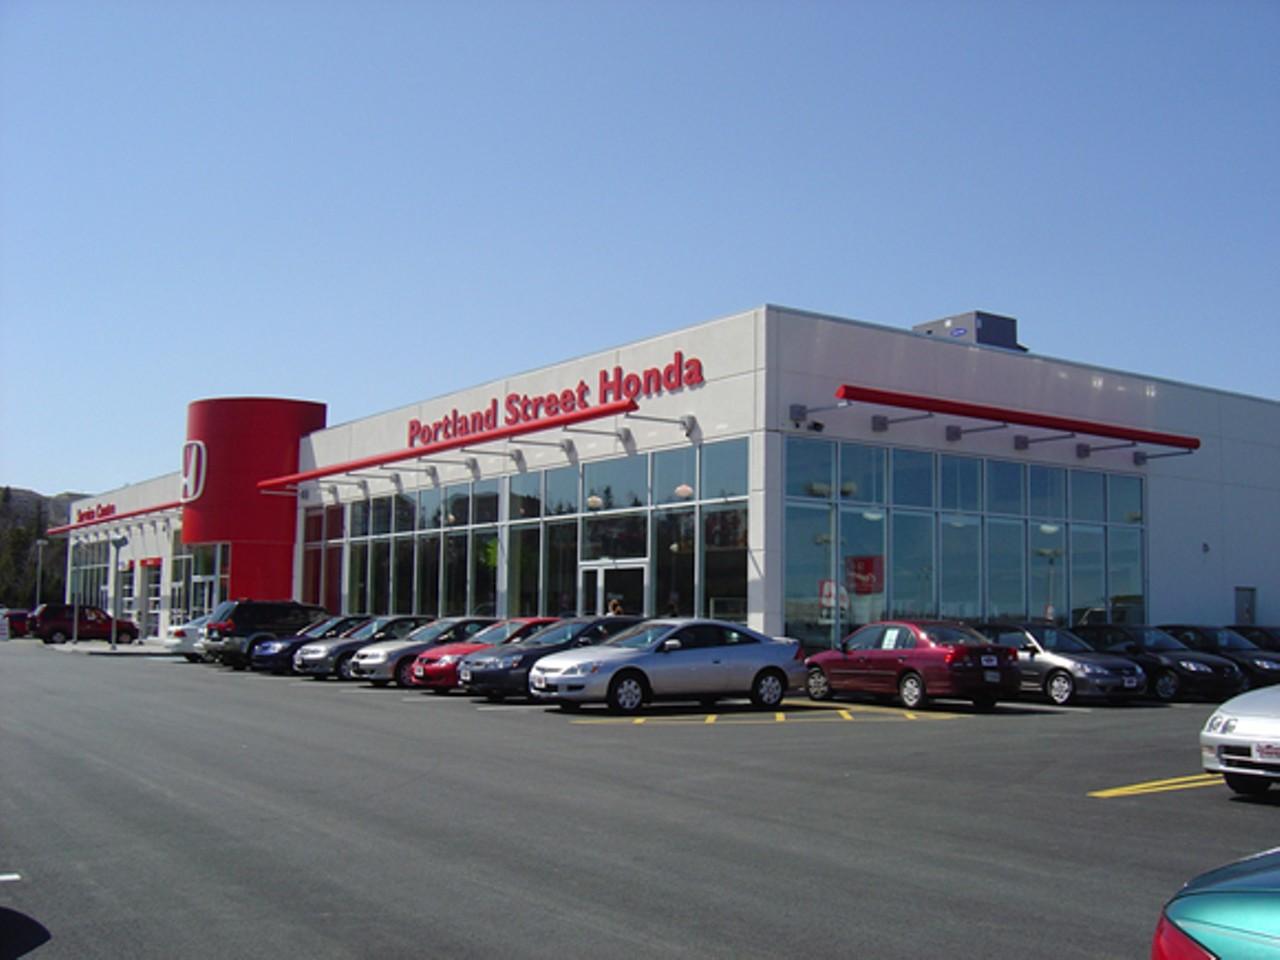 best car dealership shopping services. Black Bedroom Furniture Sets. Home Design Ideas